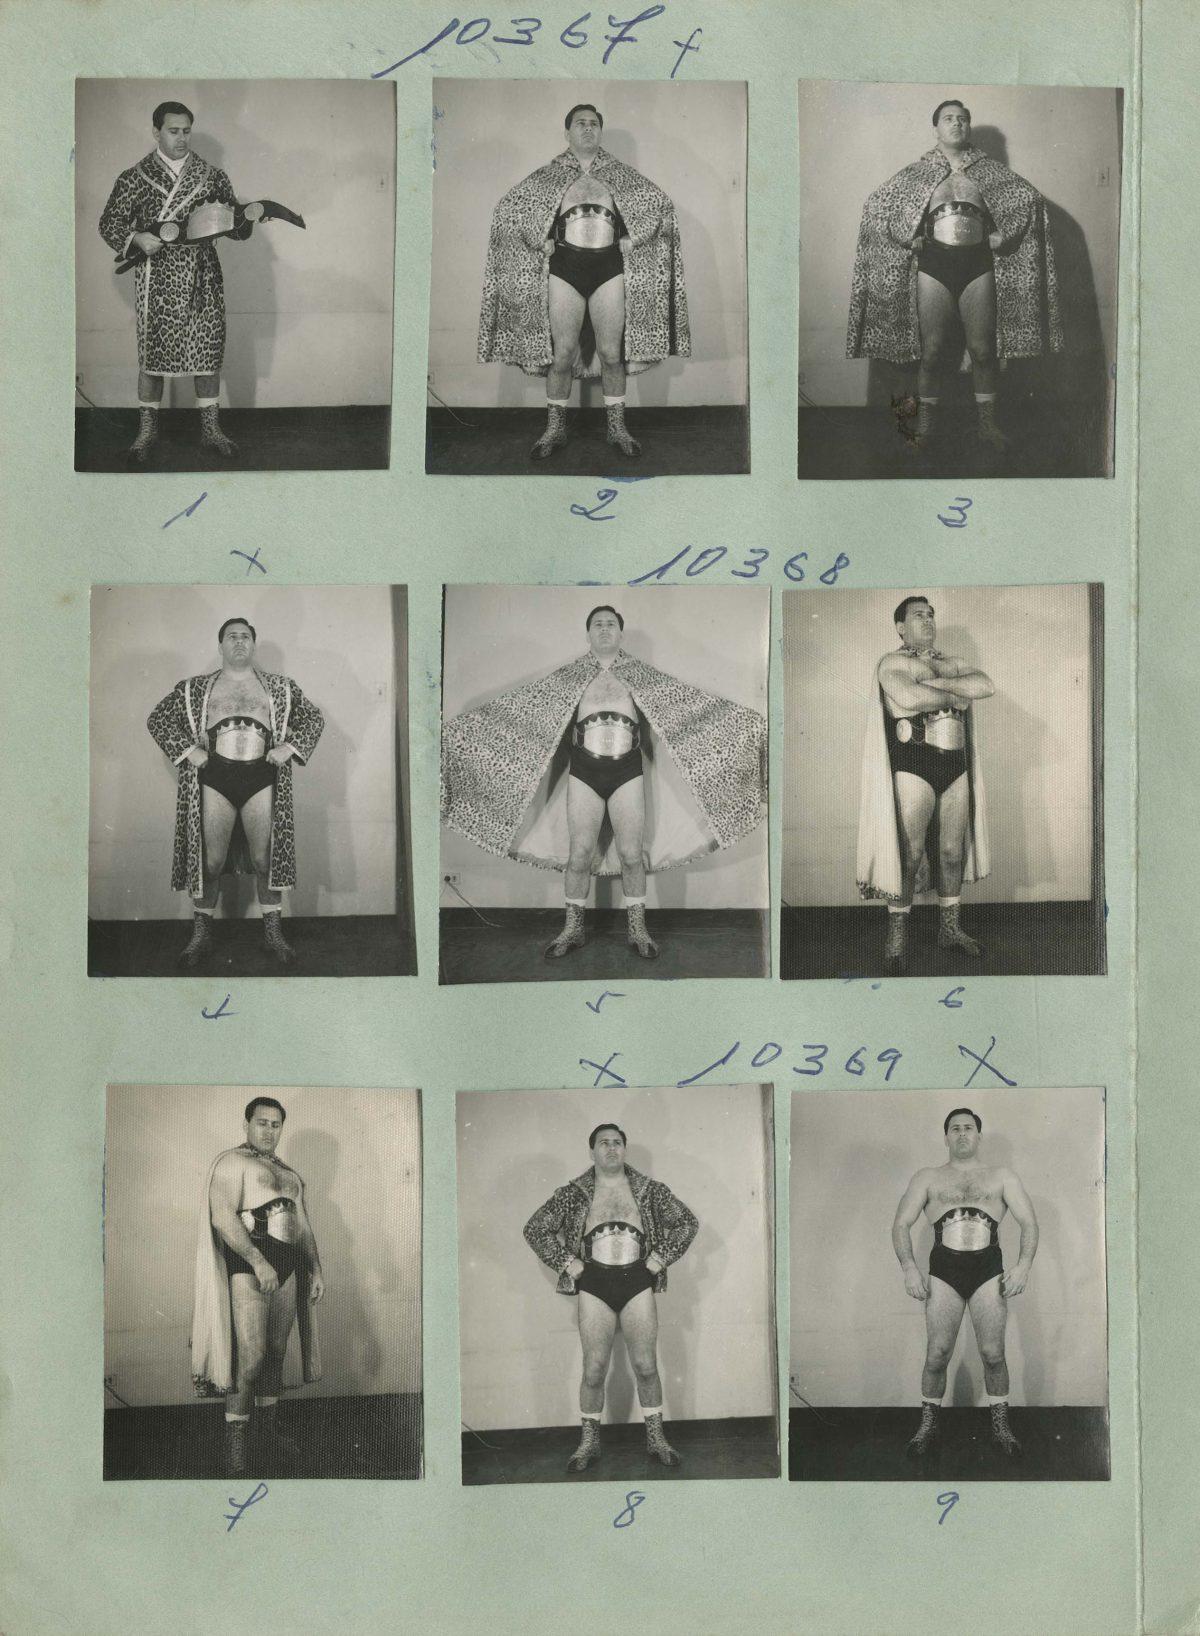 El Jaguar wrestler Bogota, 1960/70s. Copyright Manuel H